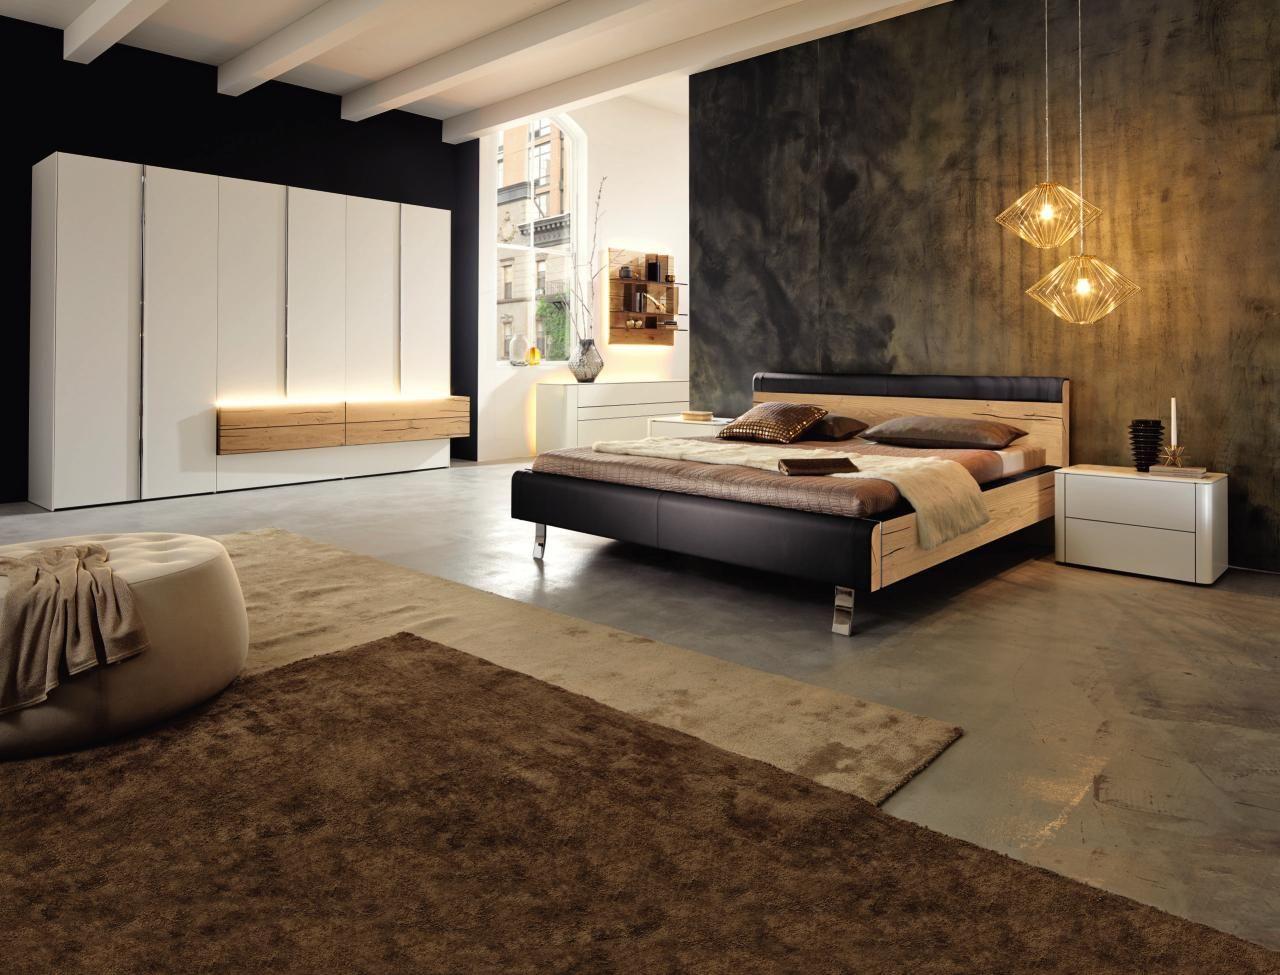 Schlafzimmer von HÜLSTA: geschmackvoll gestaltetes Möbelarrangement ...